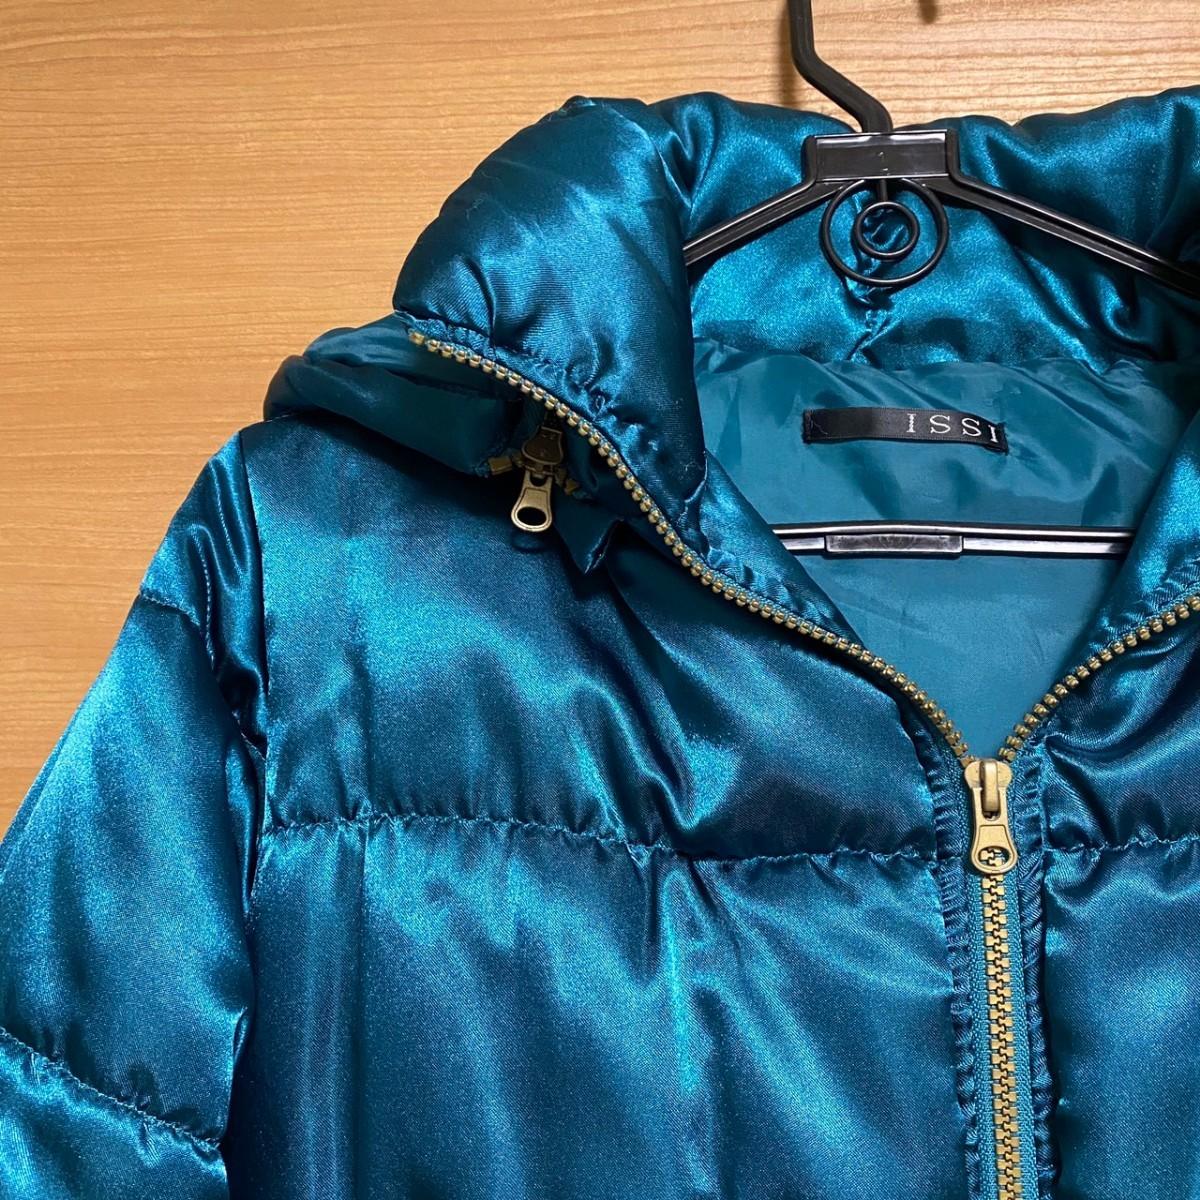 ダウンジャケット アウター ジャンパー ジャンバー レディース M ダウンコート 青 水色 エメラルドグリーン ショート丈